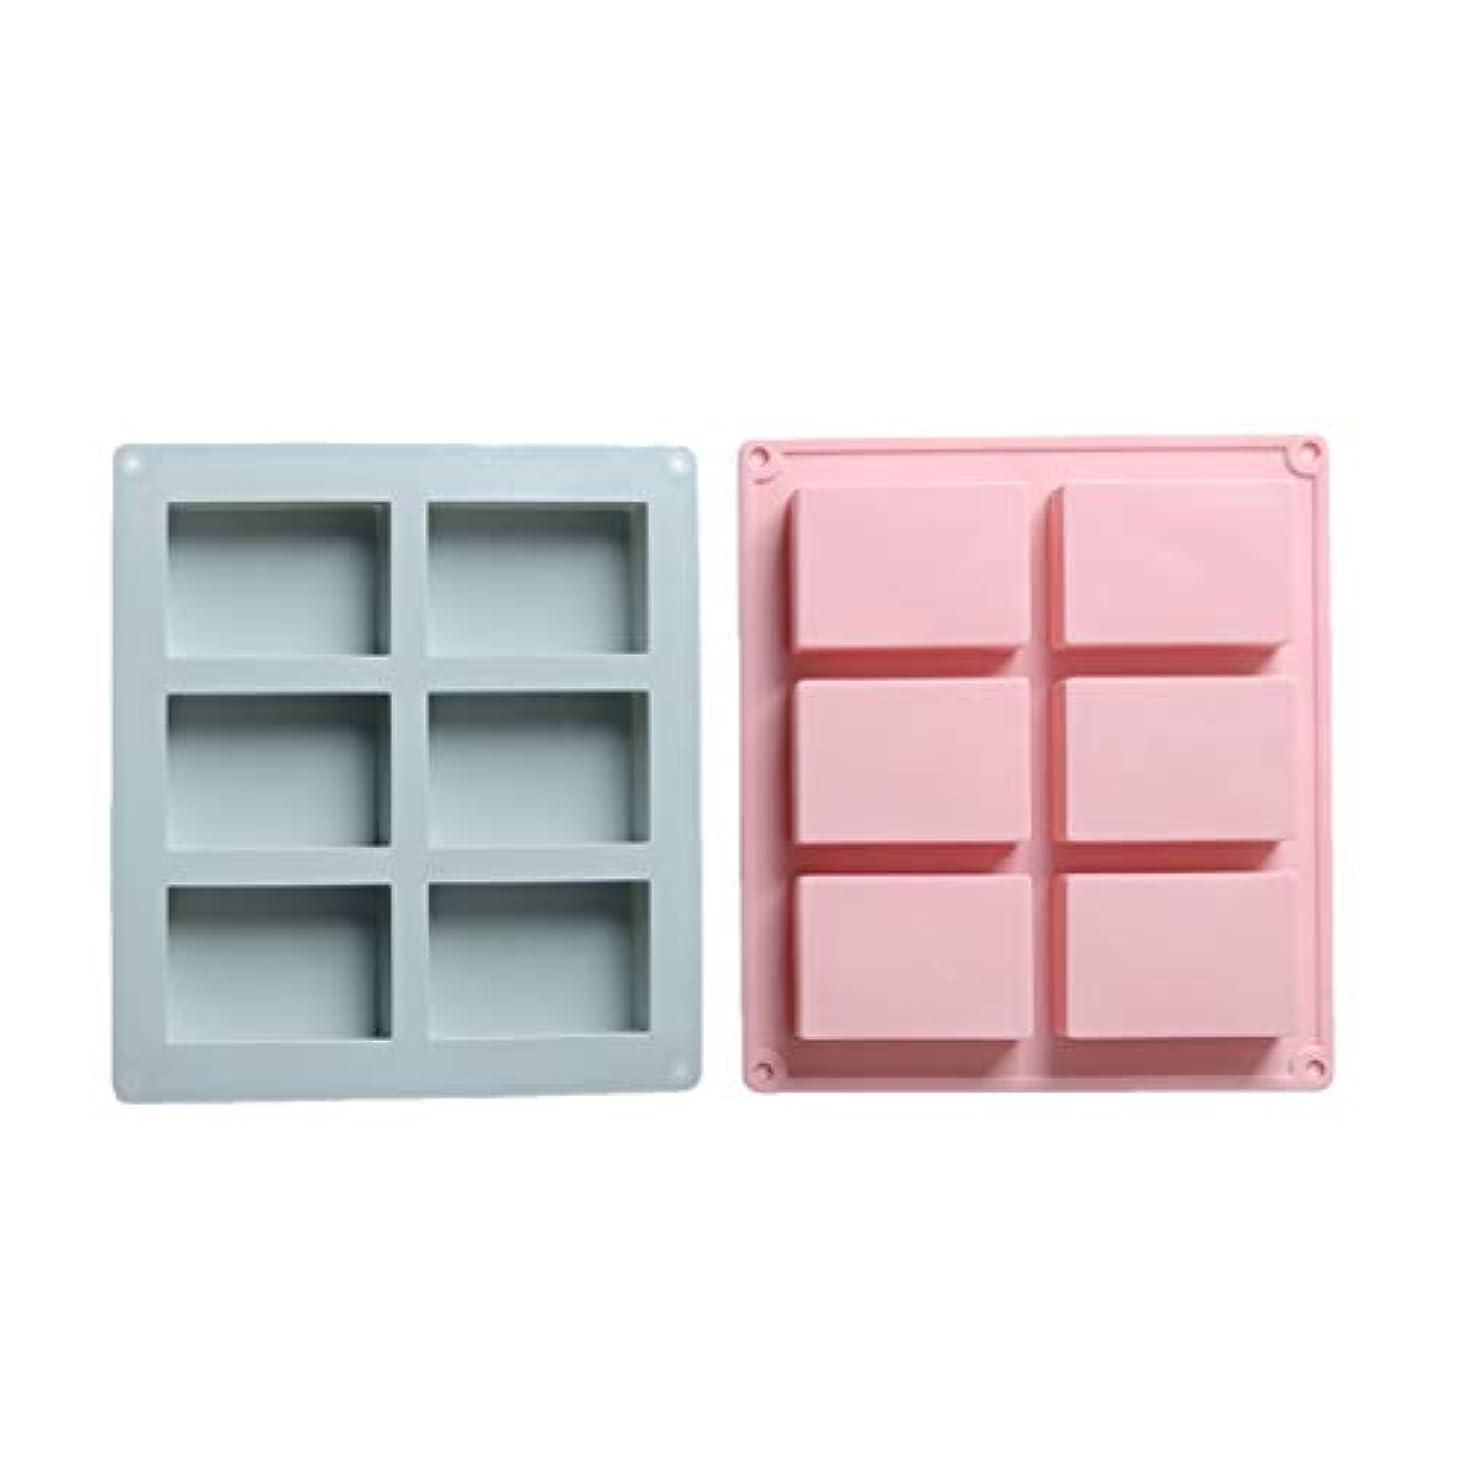 イソギンチャク食料品店来てSUPVOX シリコン長方形モールドソープチョコレートキャンドルとゼリーブラウン2個(青とピンク)を作るための6つのキャビティ